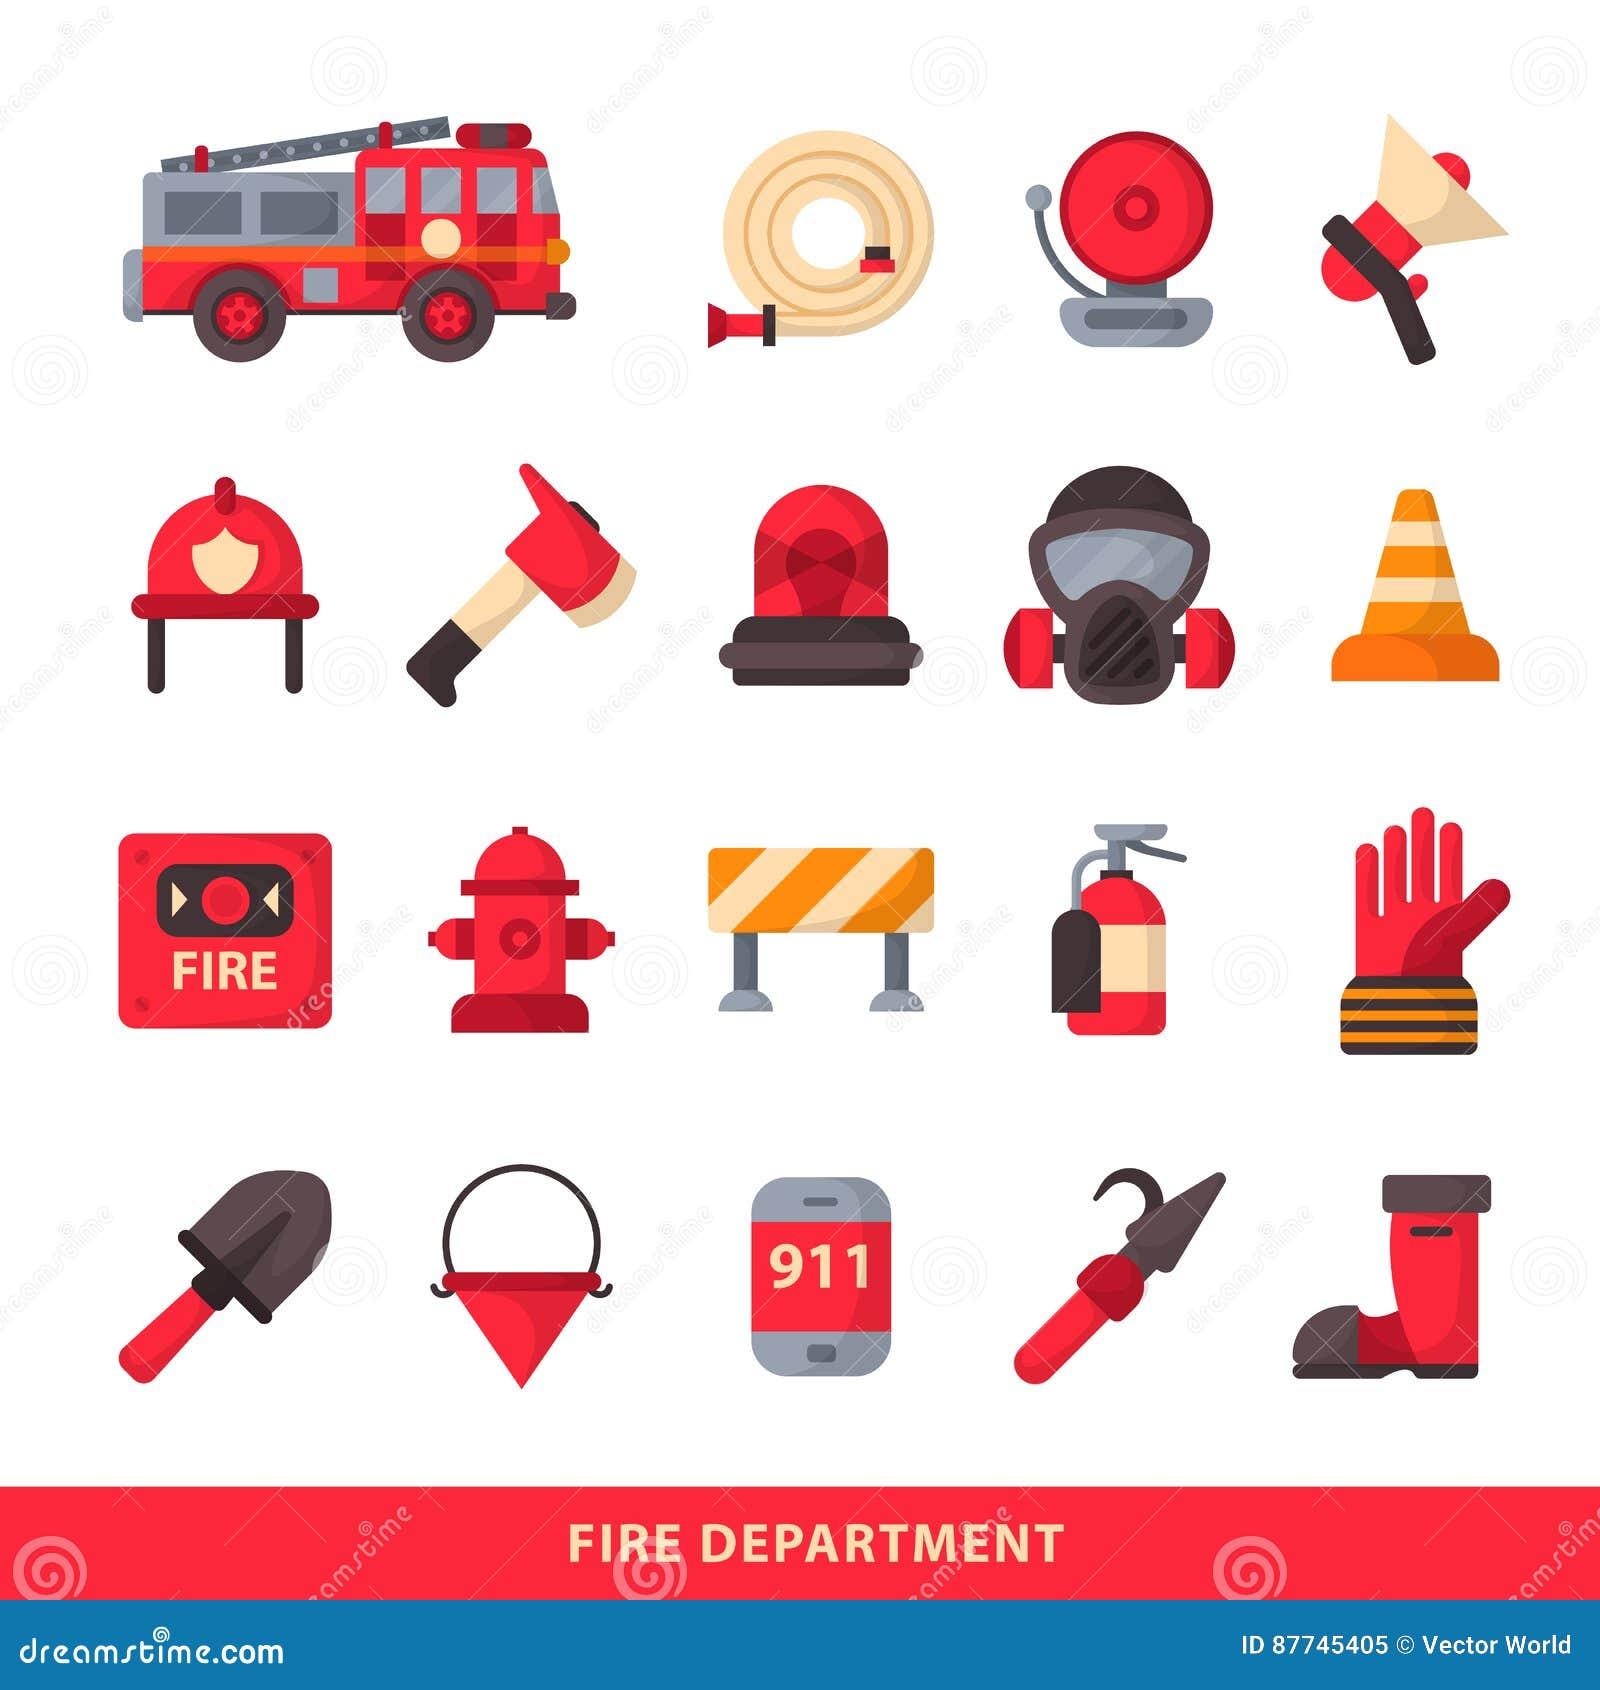 Το σύνολο σχεδιασμένων στοιχείων πυροσβεστών χρωμάτισε τα εικονίδια έκτακτης ανάγκης πυροσβεστικών υπηρεσιών και τον πυροσβέστη ε